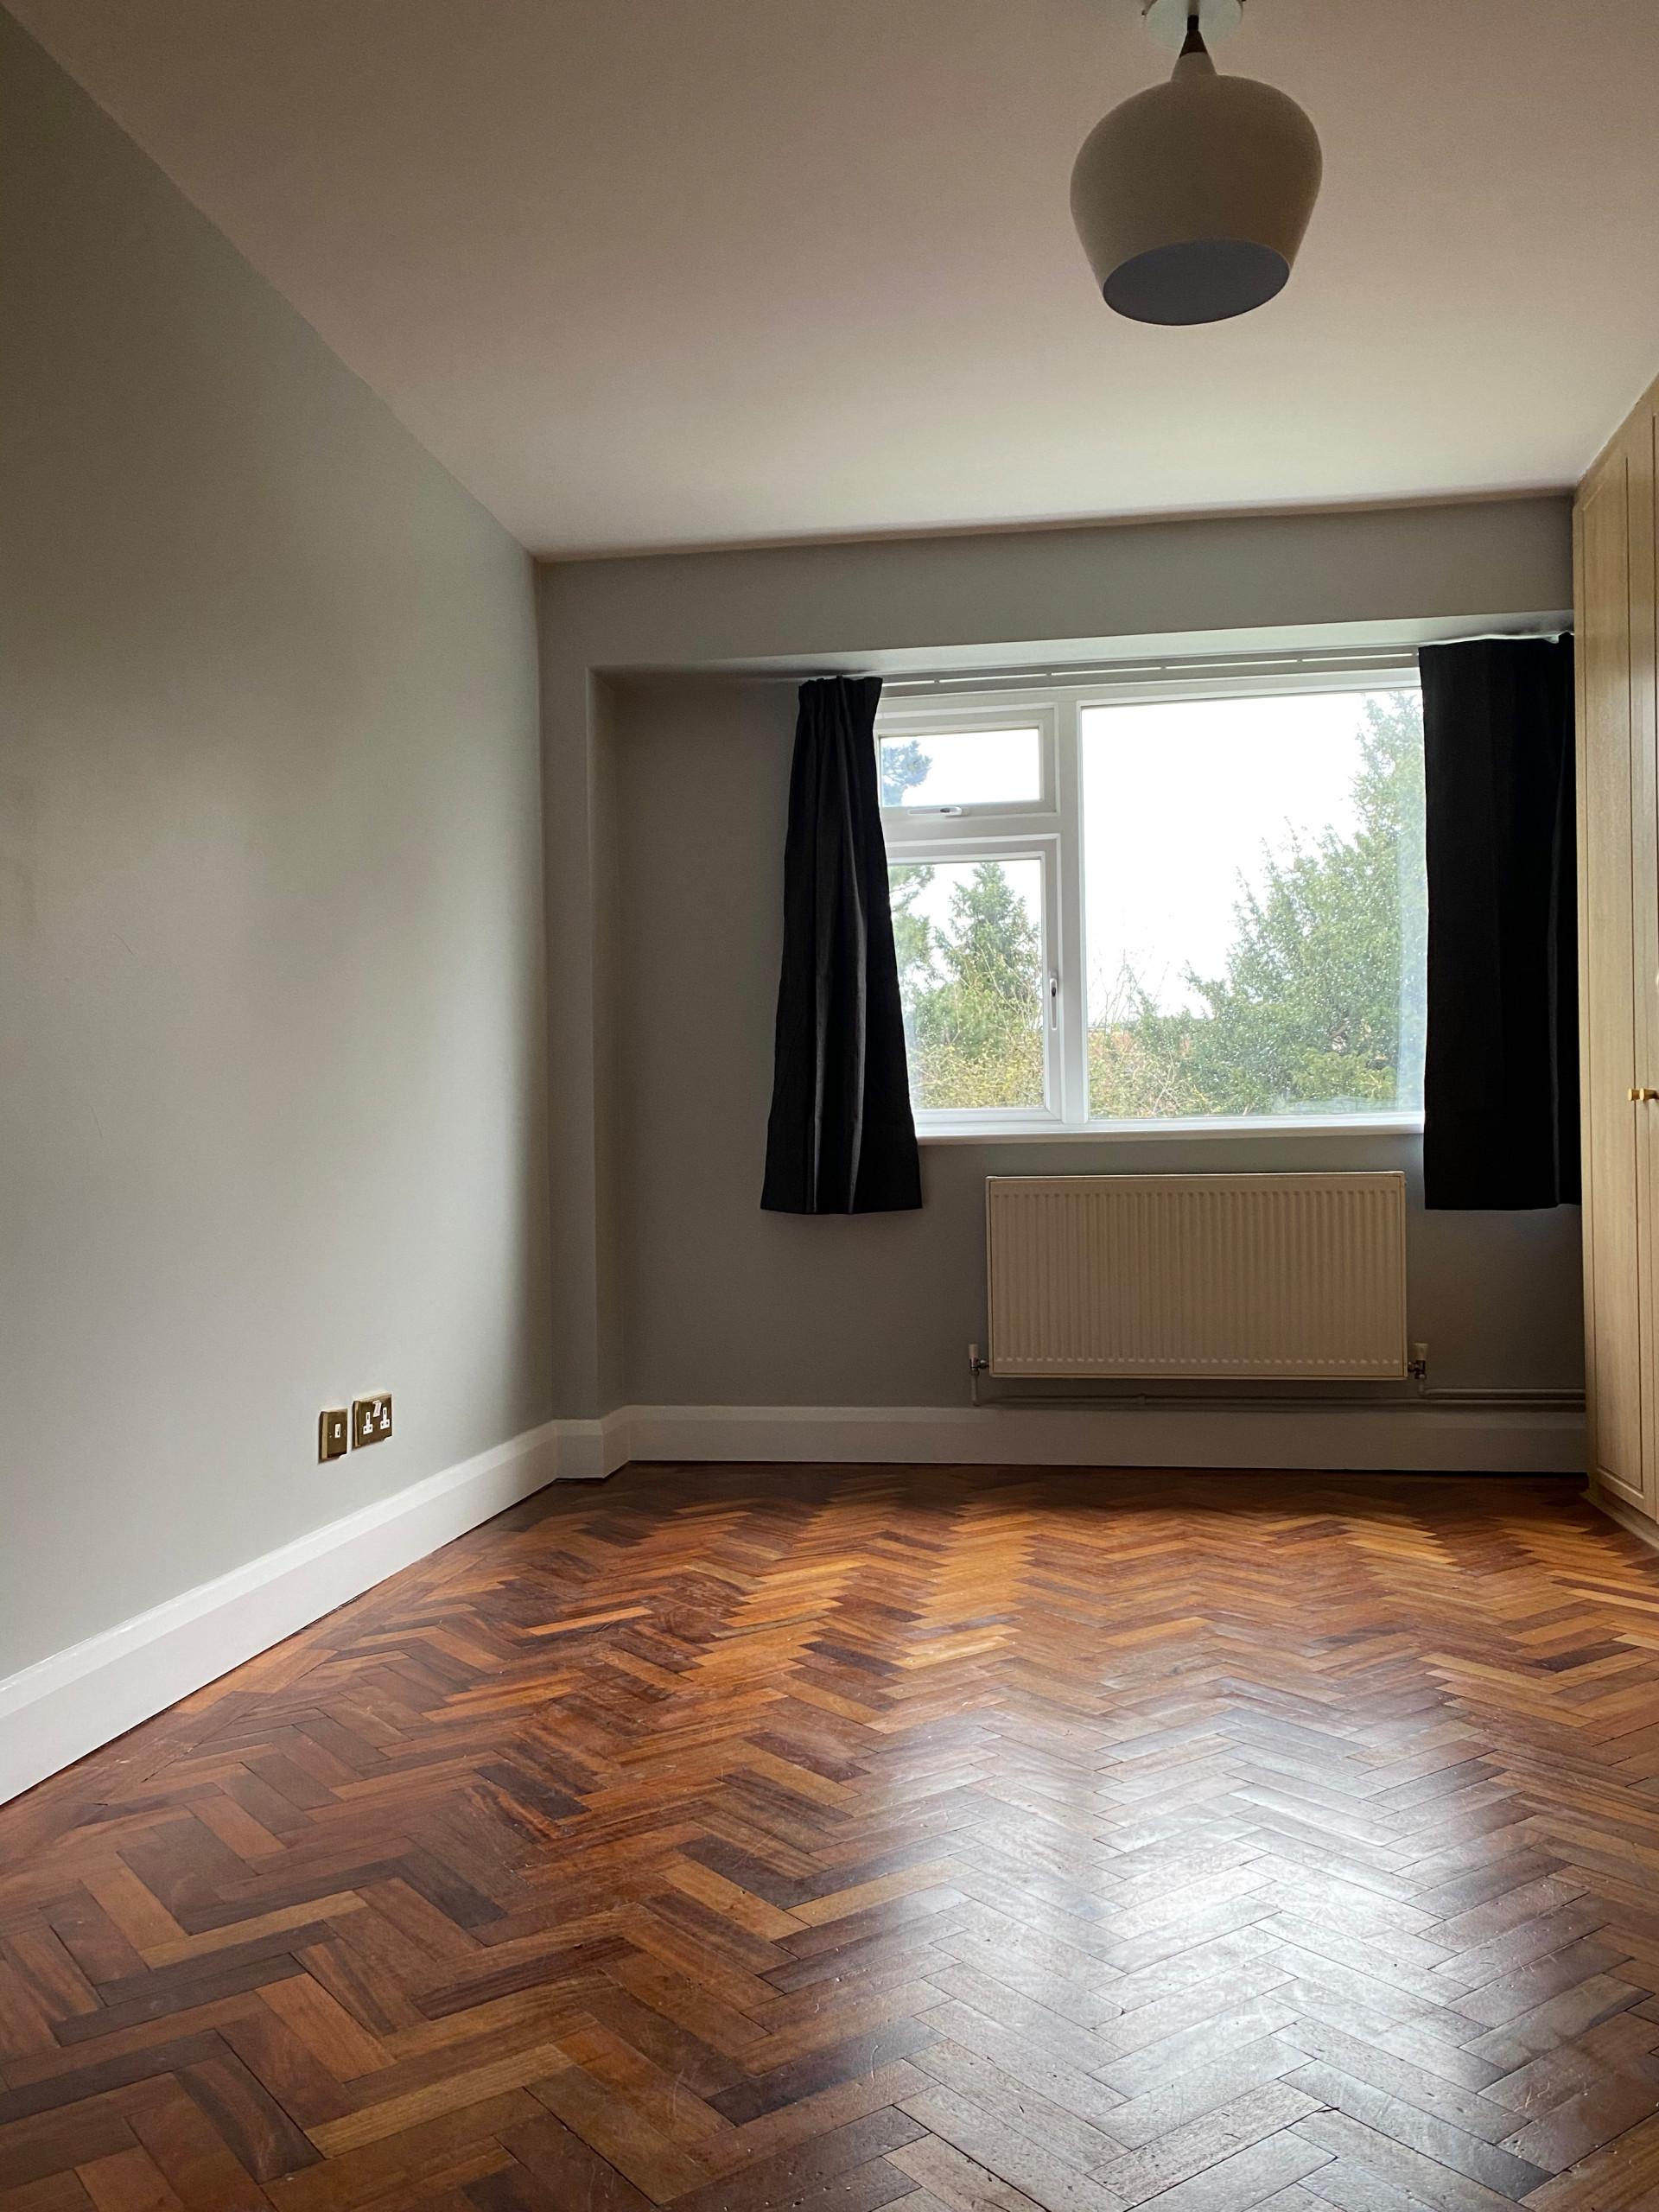 Rental property spruce up